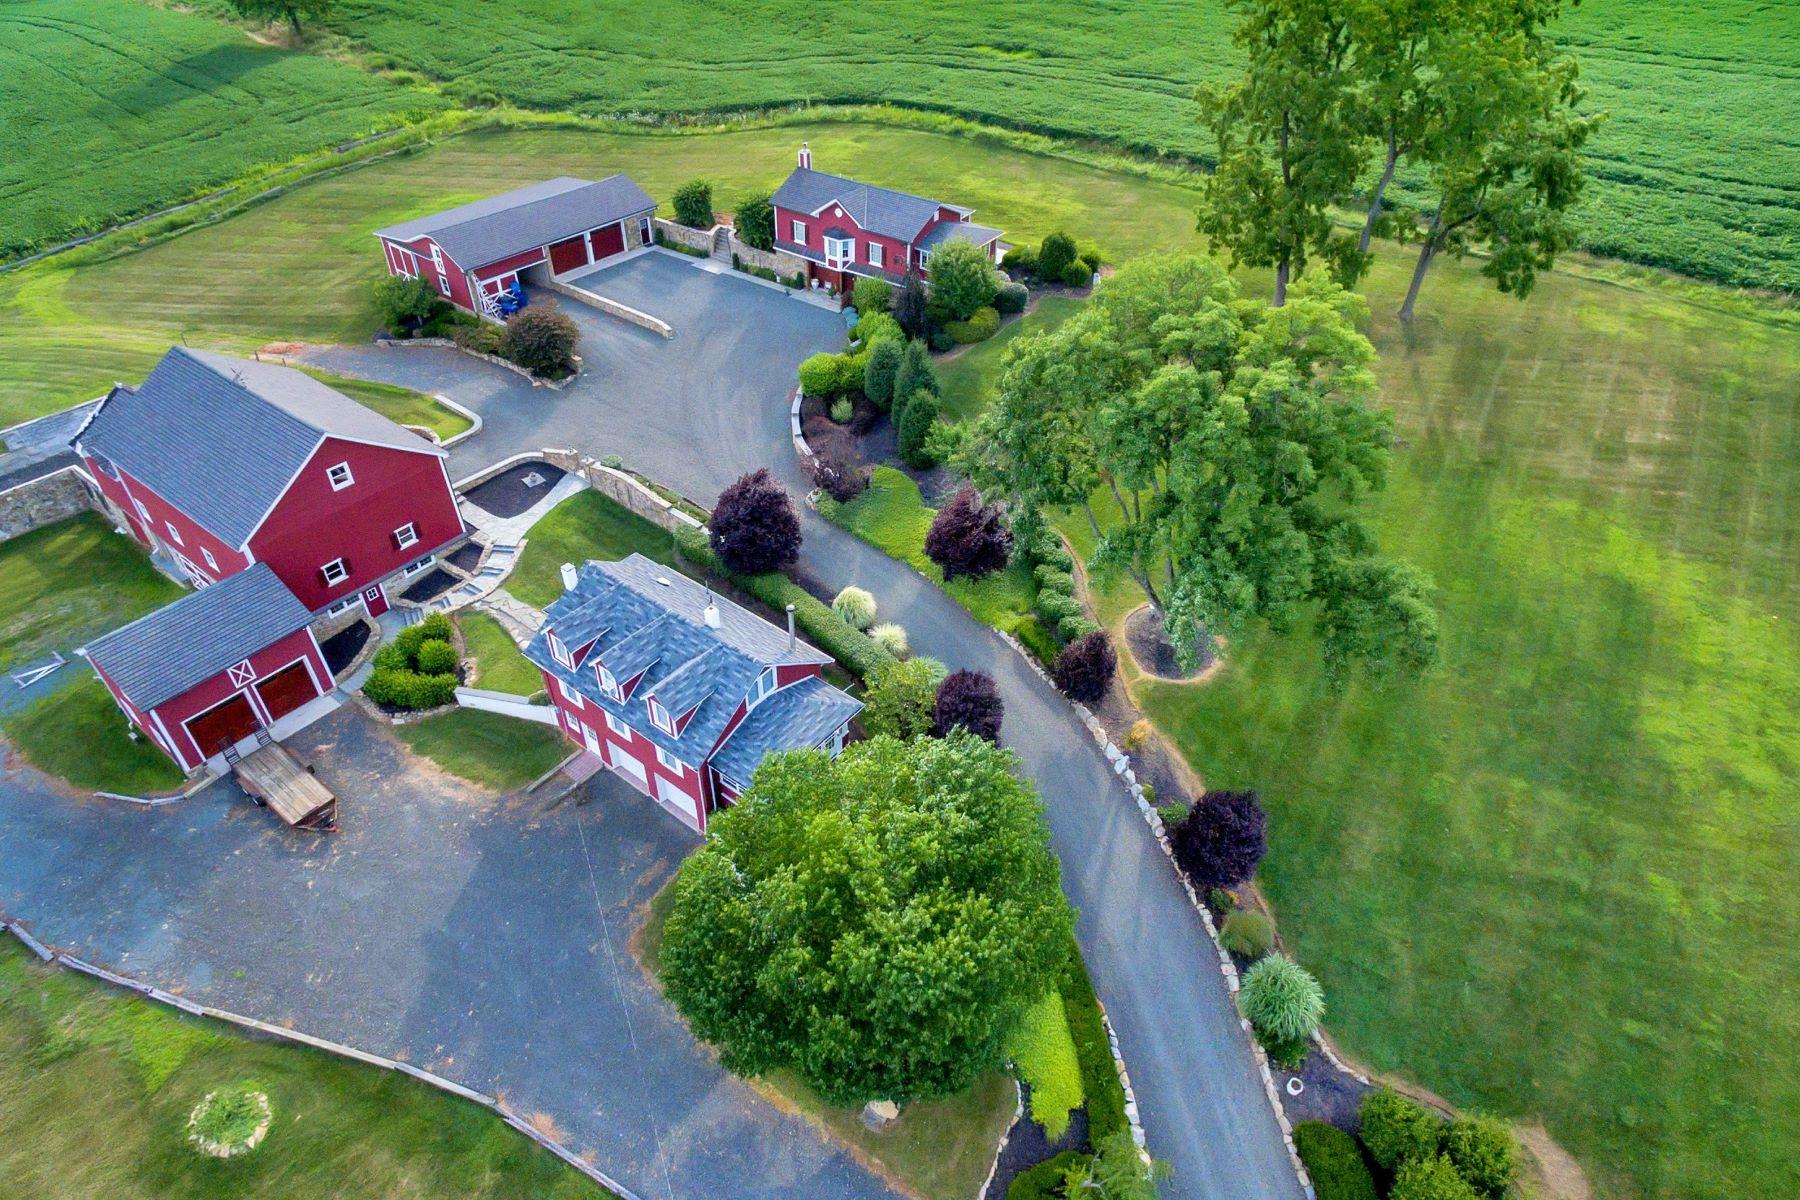 Частный односемейный дом для того Продажа на Magnificently Restored Farm 109 Old Turnpike Road Tewksbury Township, 08858 Соединенные Штаты